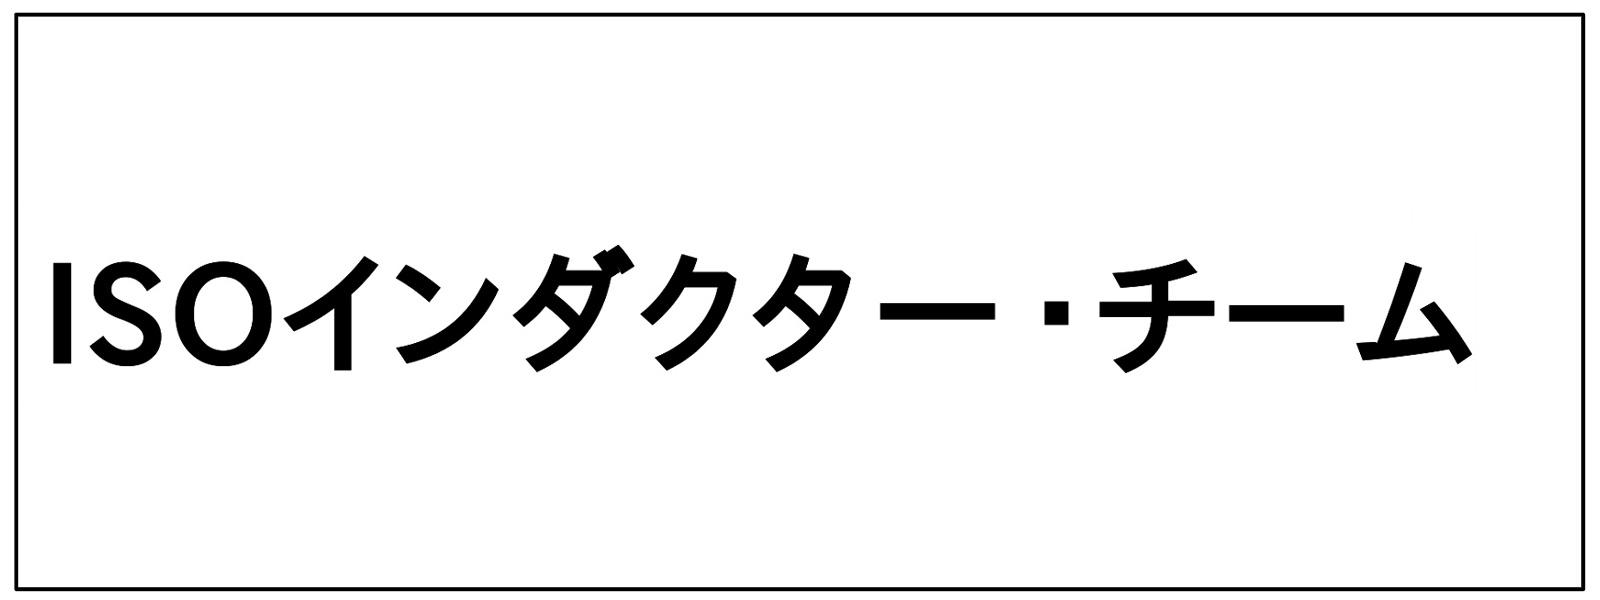 ISOインダクター・チーム